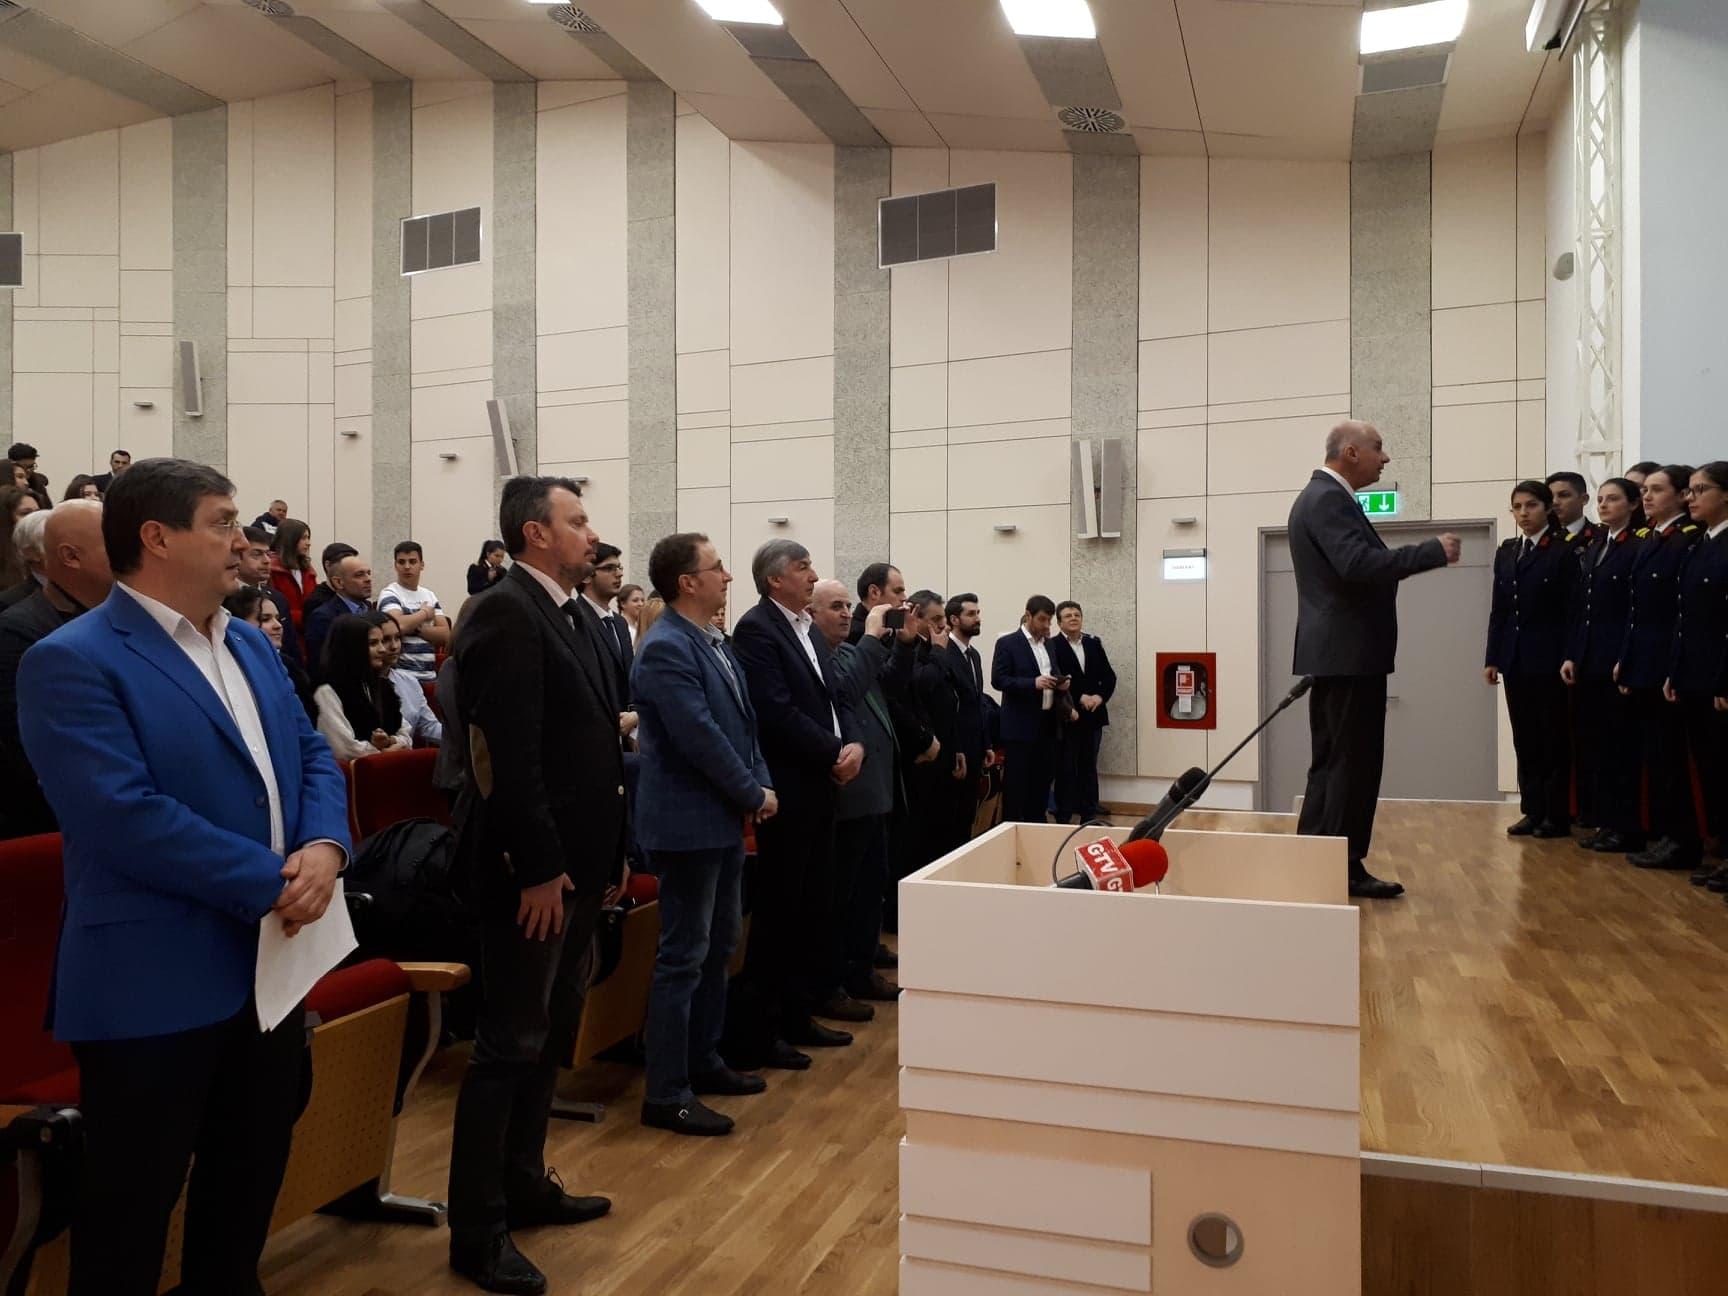 """100 ani de la Unirea Basarabiei cu România, marcată la Facultatea de Drept din Craiova: """"Ar fi normal să trăim împreună nu în două state separate"""""""